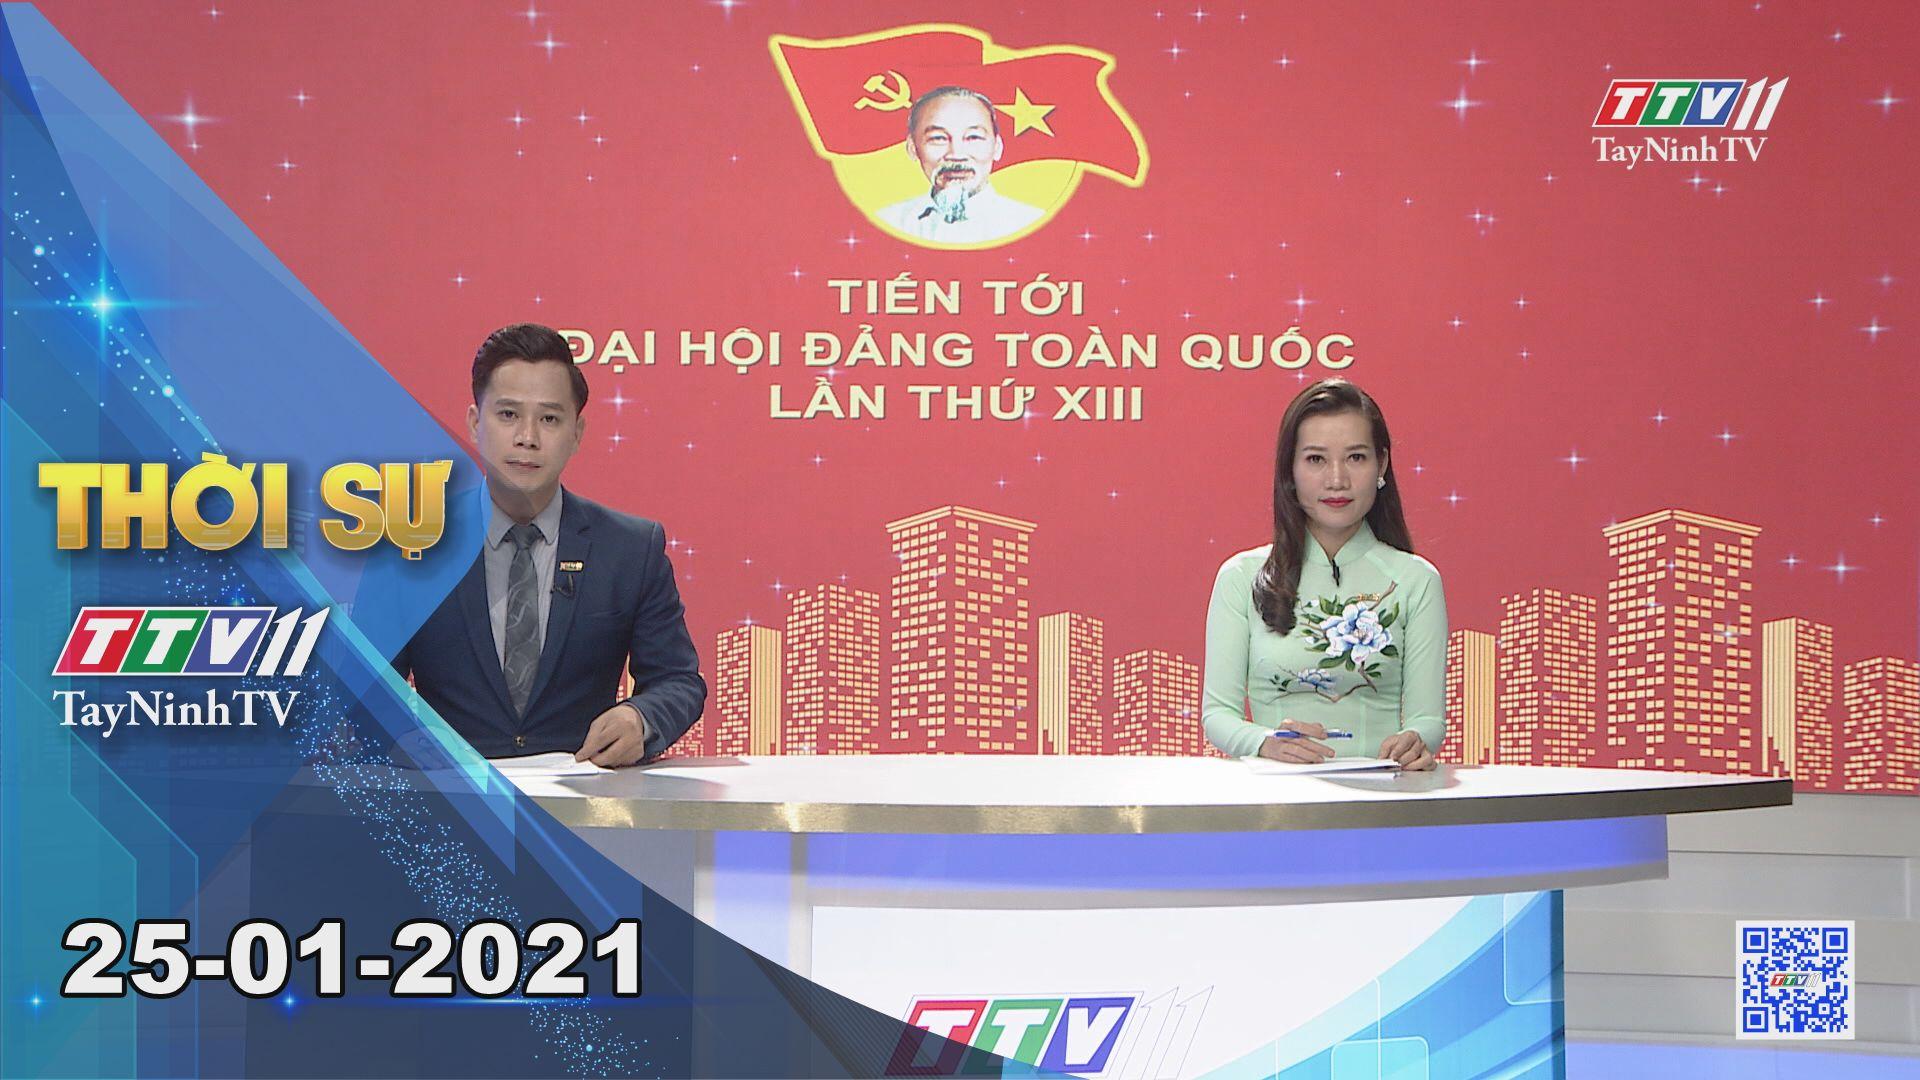 Thời sự Tây Ninh 25-01-2021 | Tin tức hôm nay | TayNinhTV